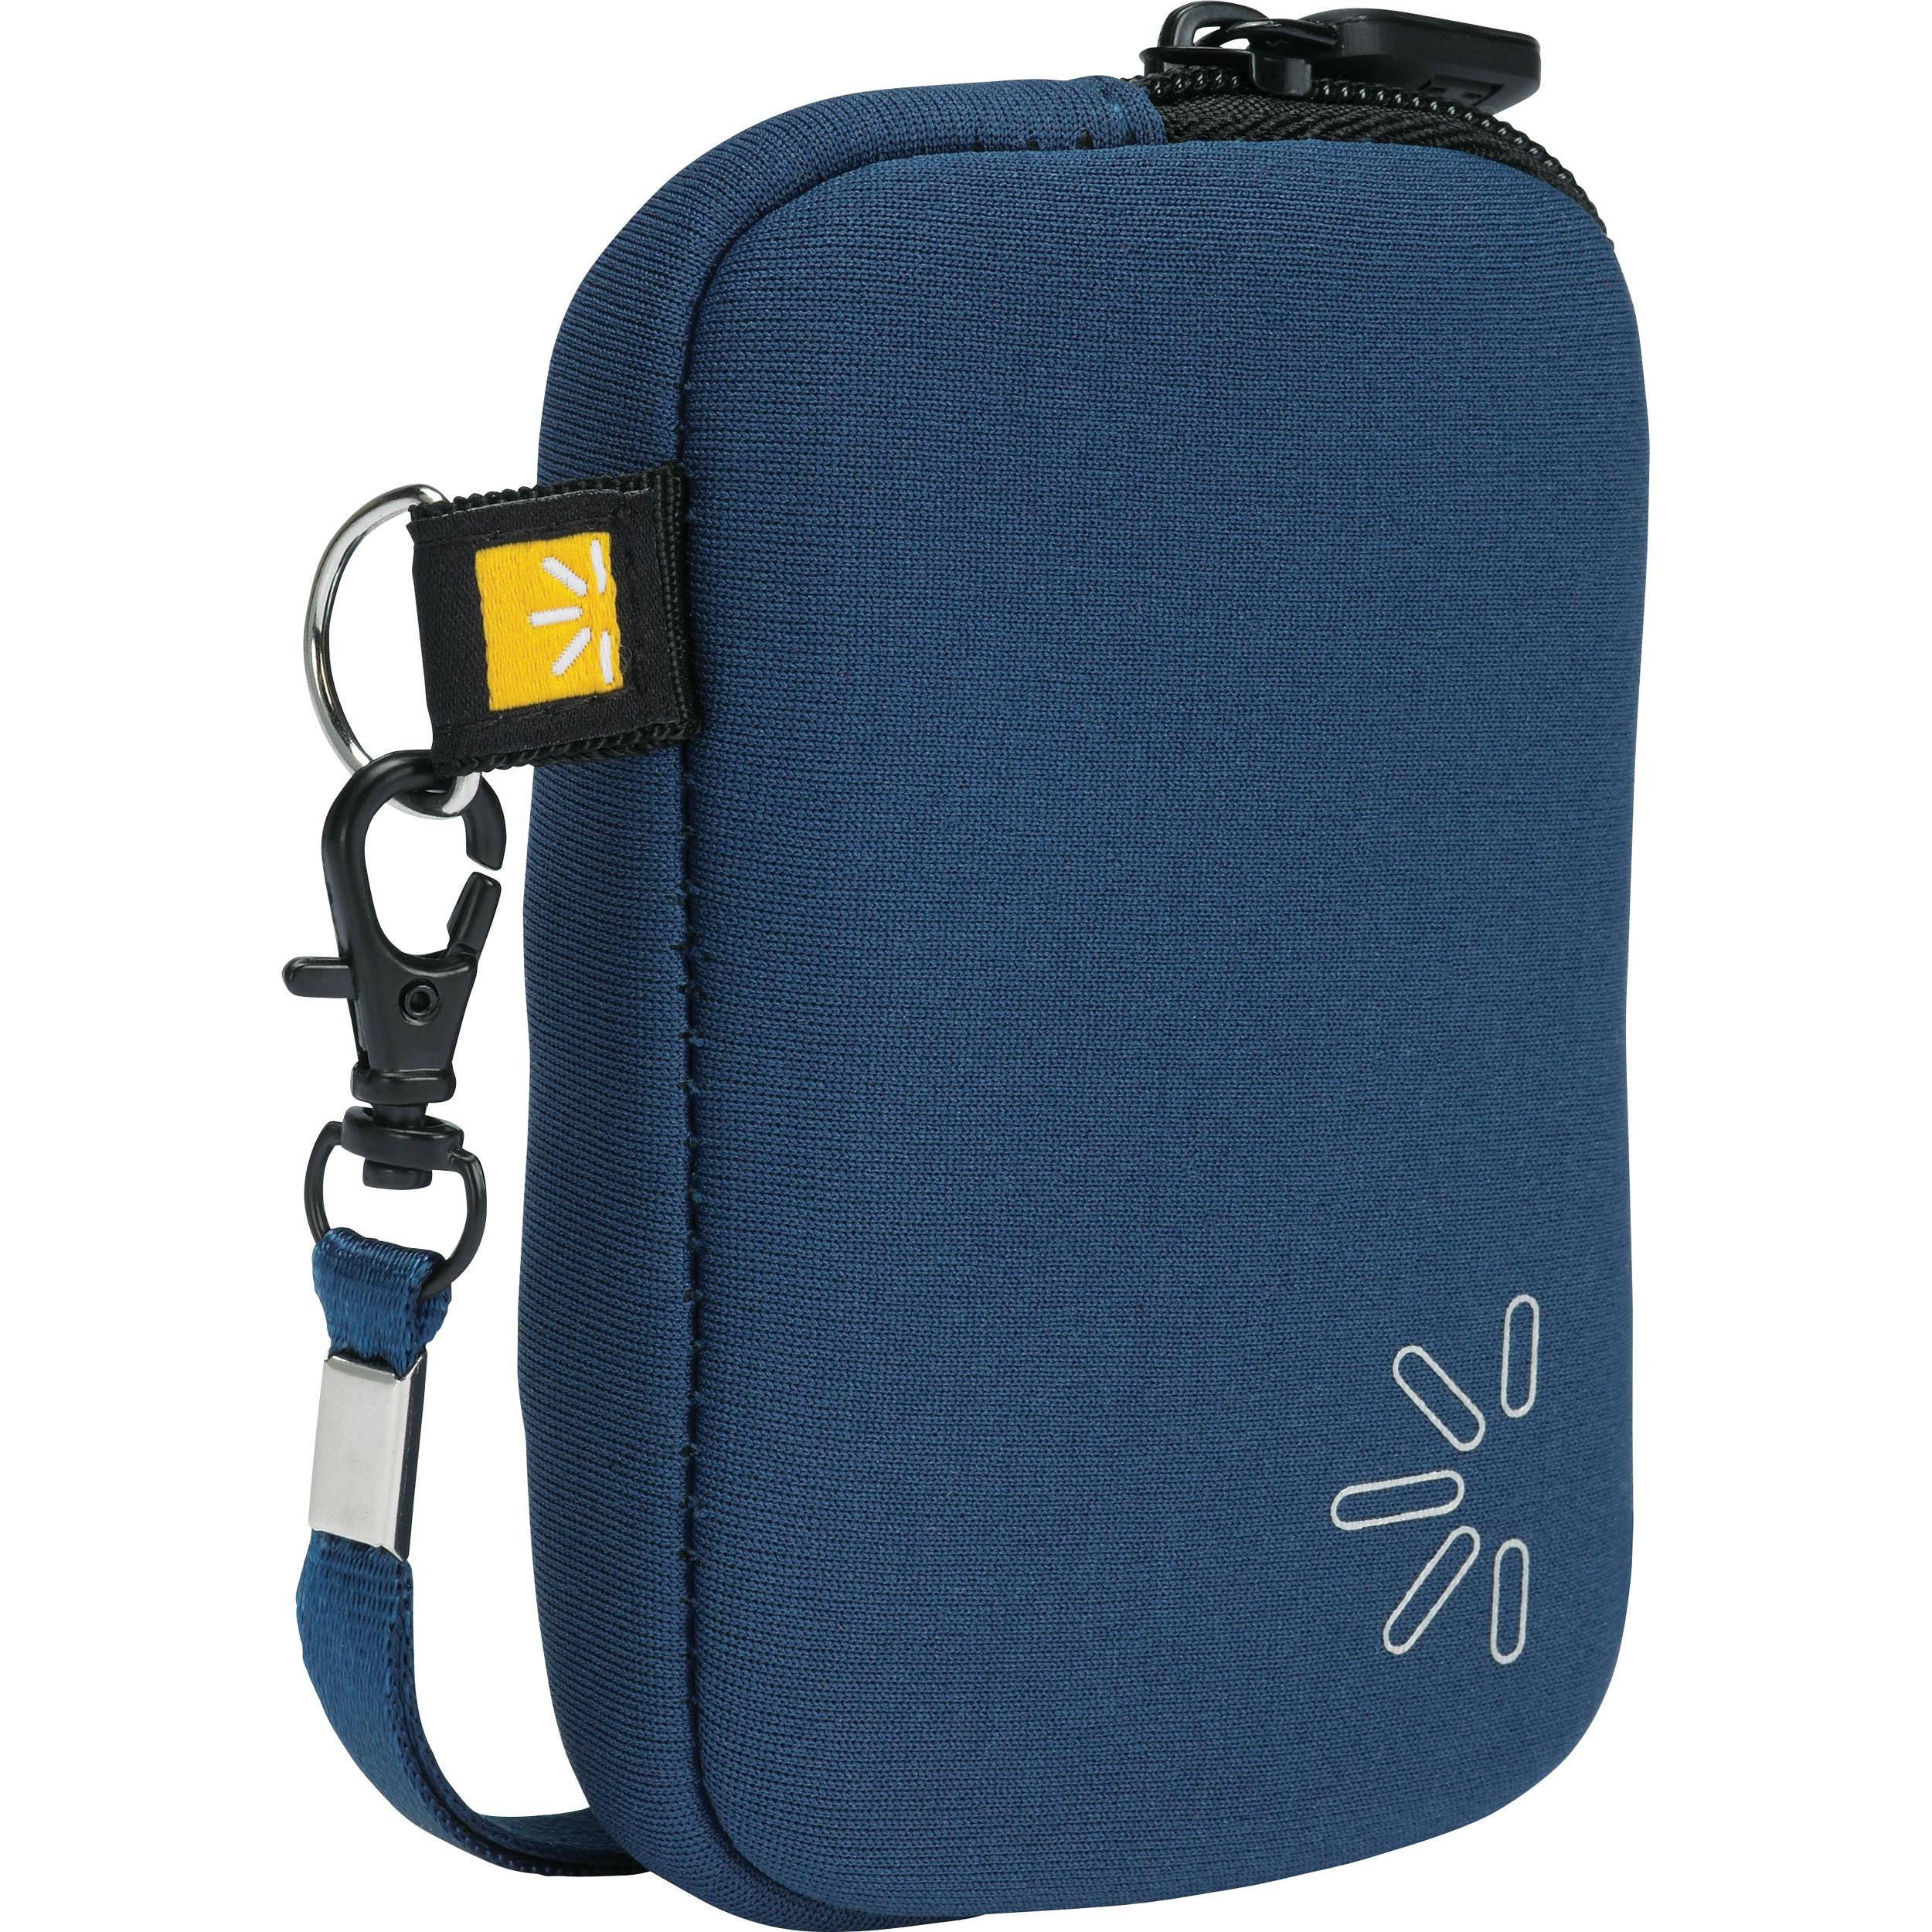 Case Logic UNZB-2 Universal Pocket (Blue)